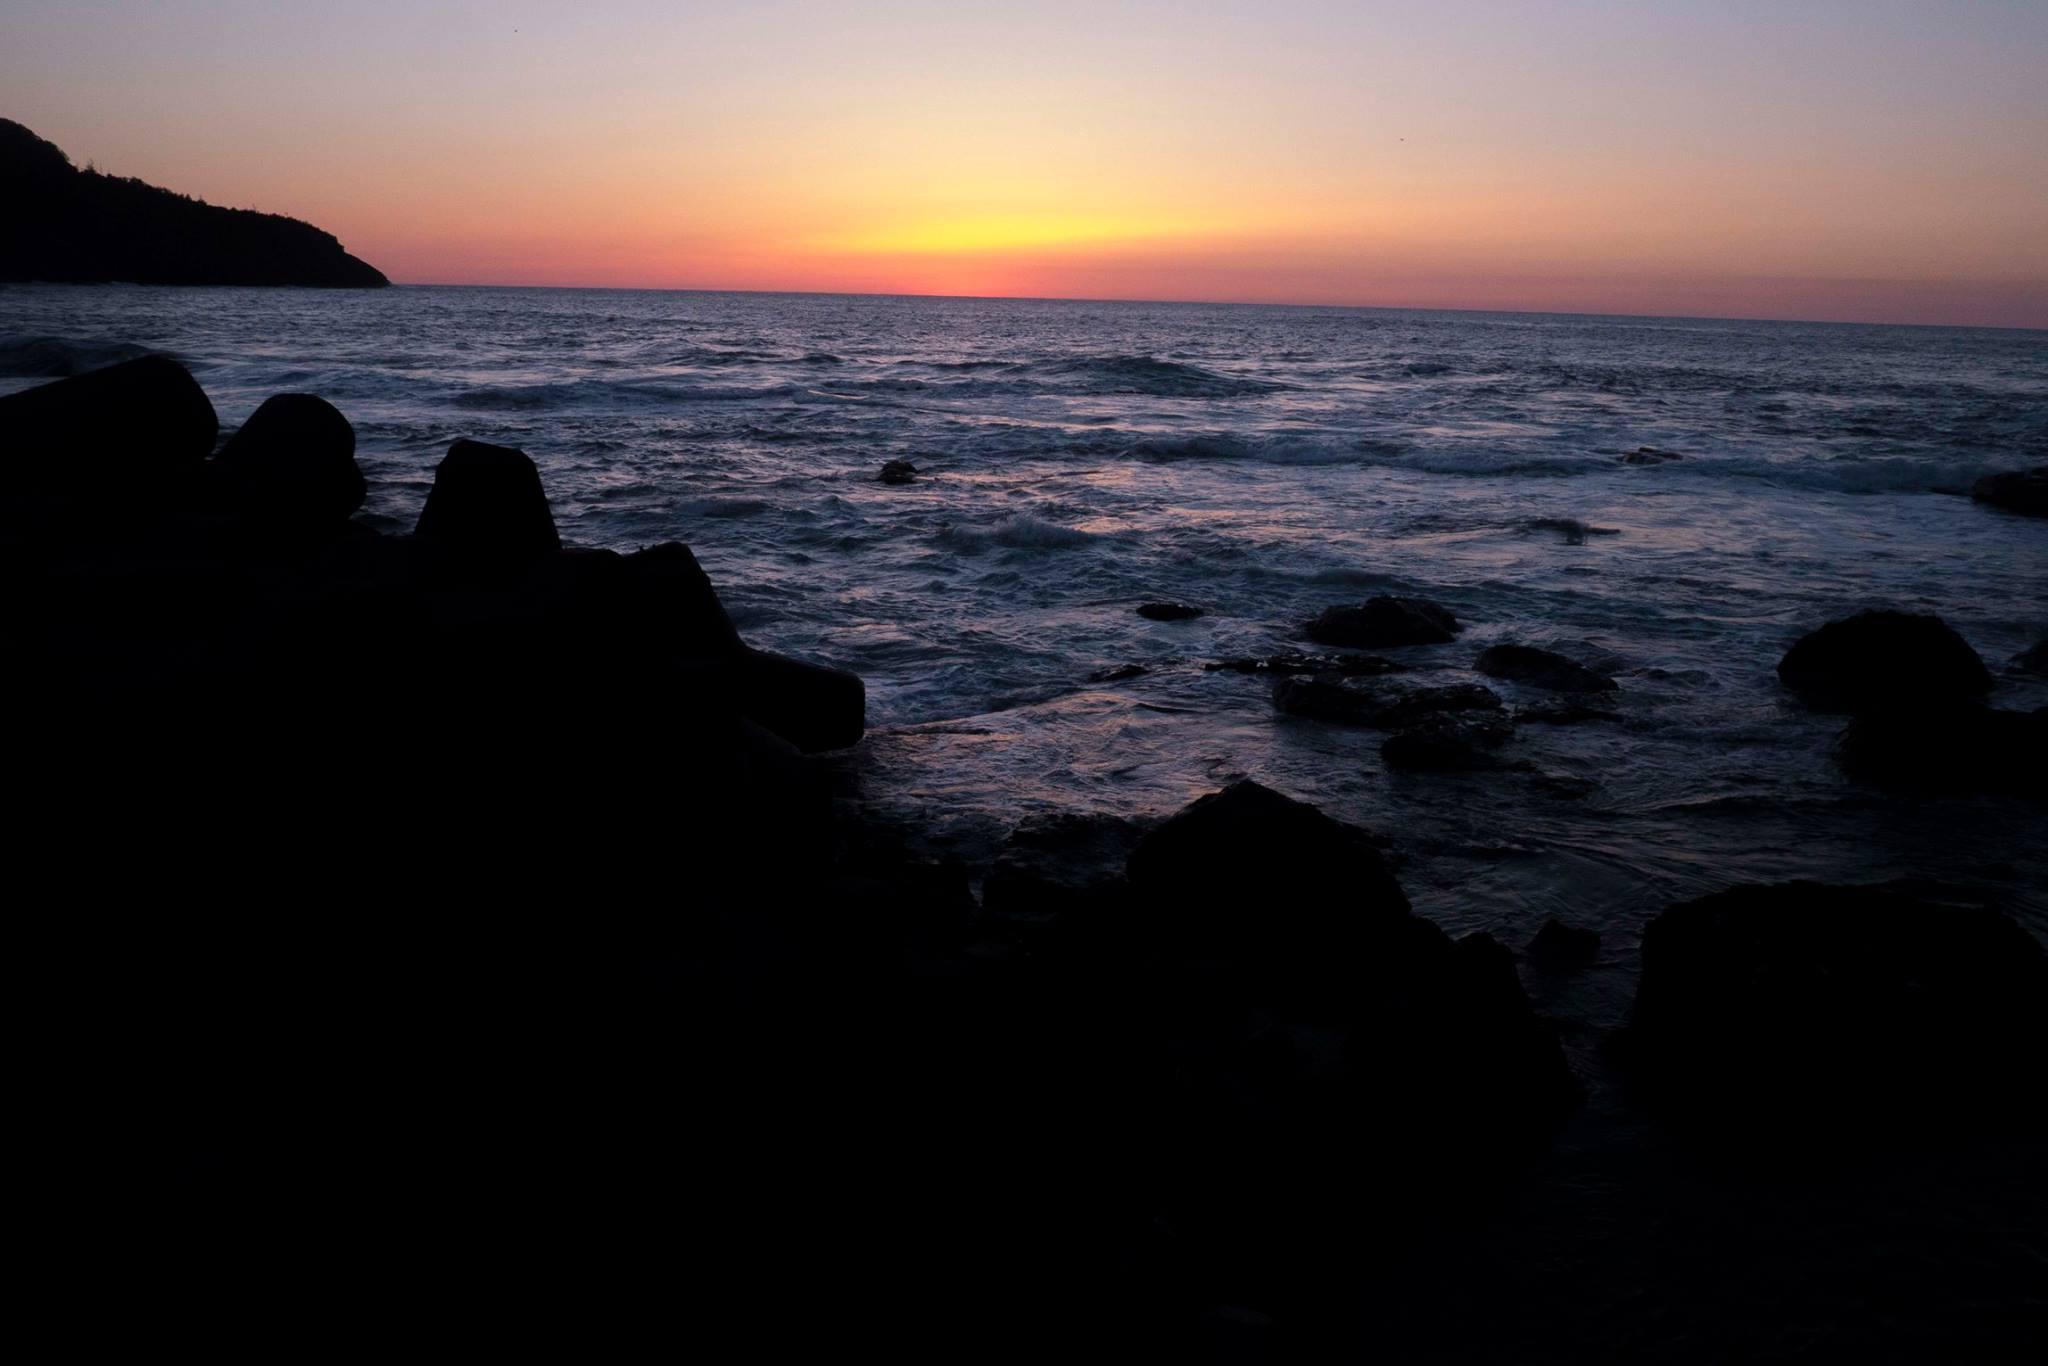 ありがとう。夕日よ、竹野よ。